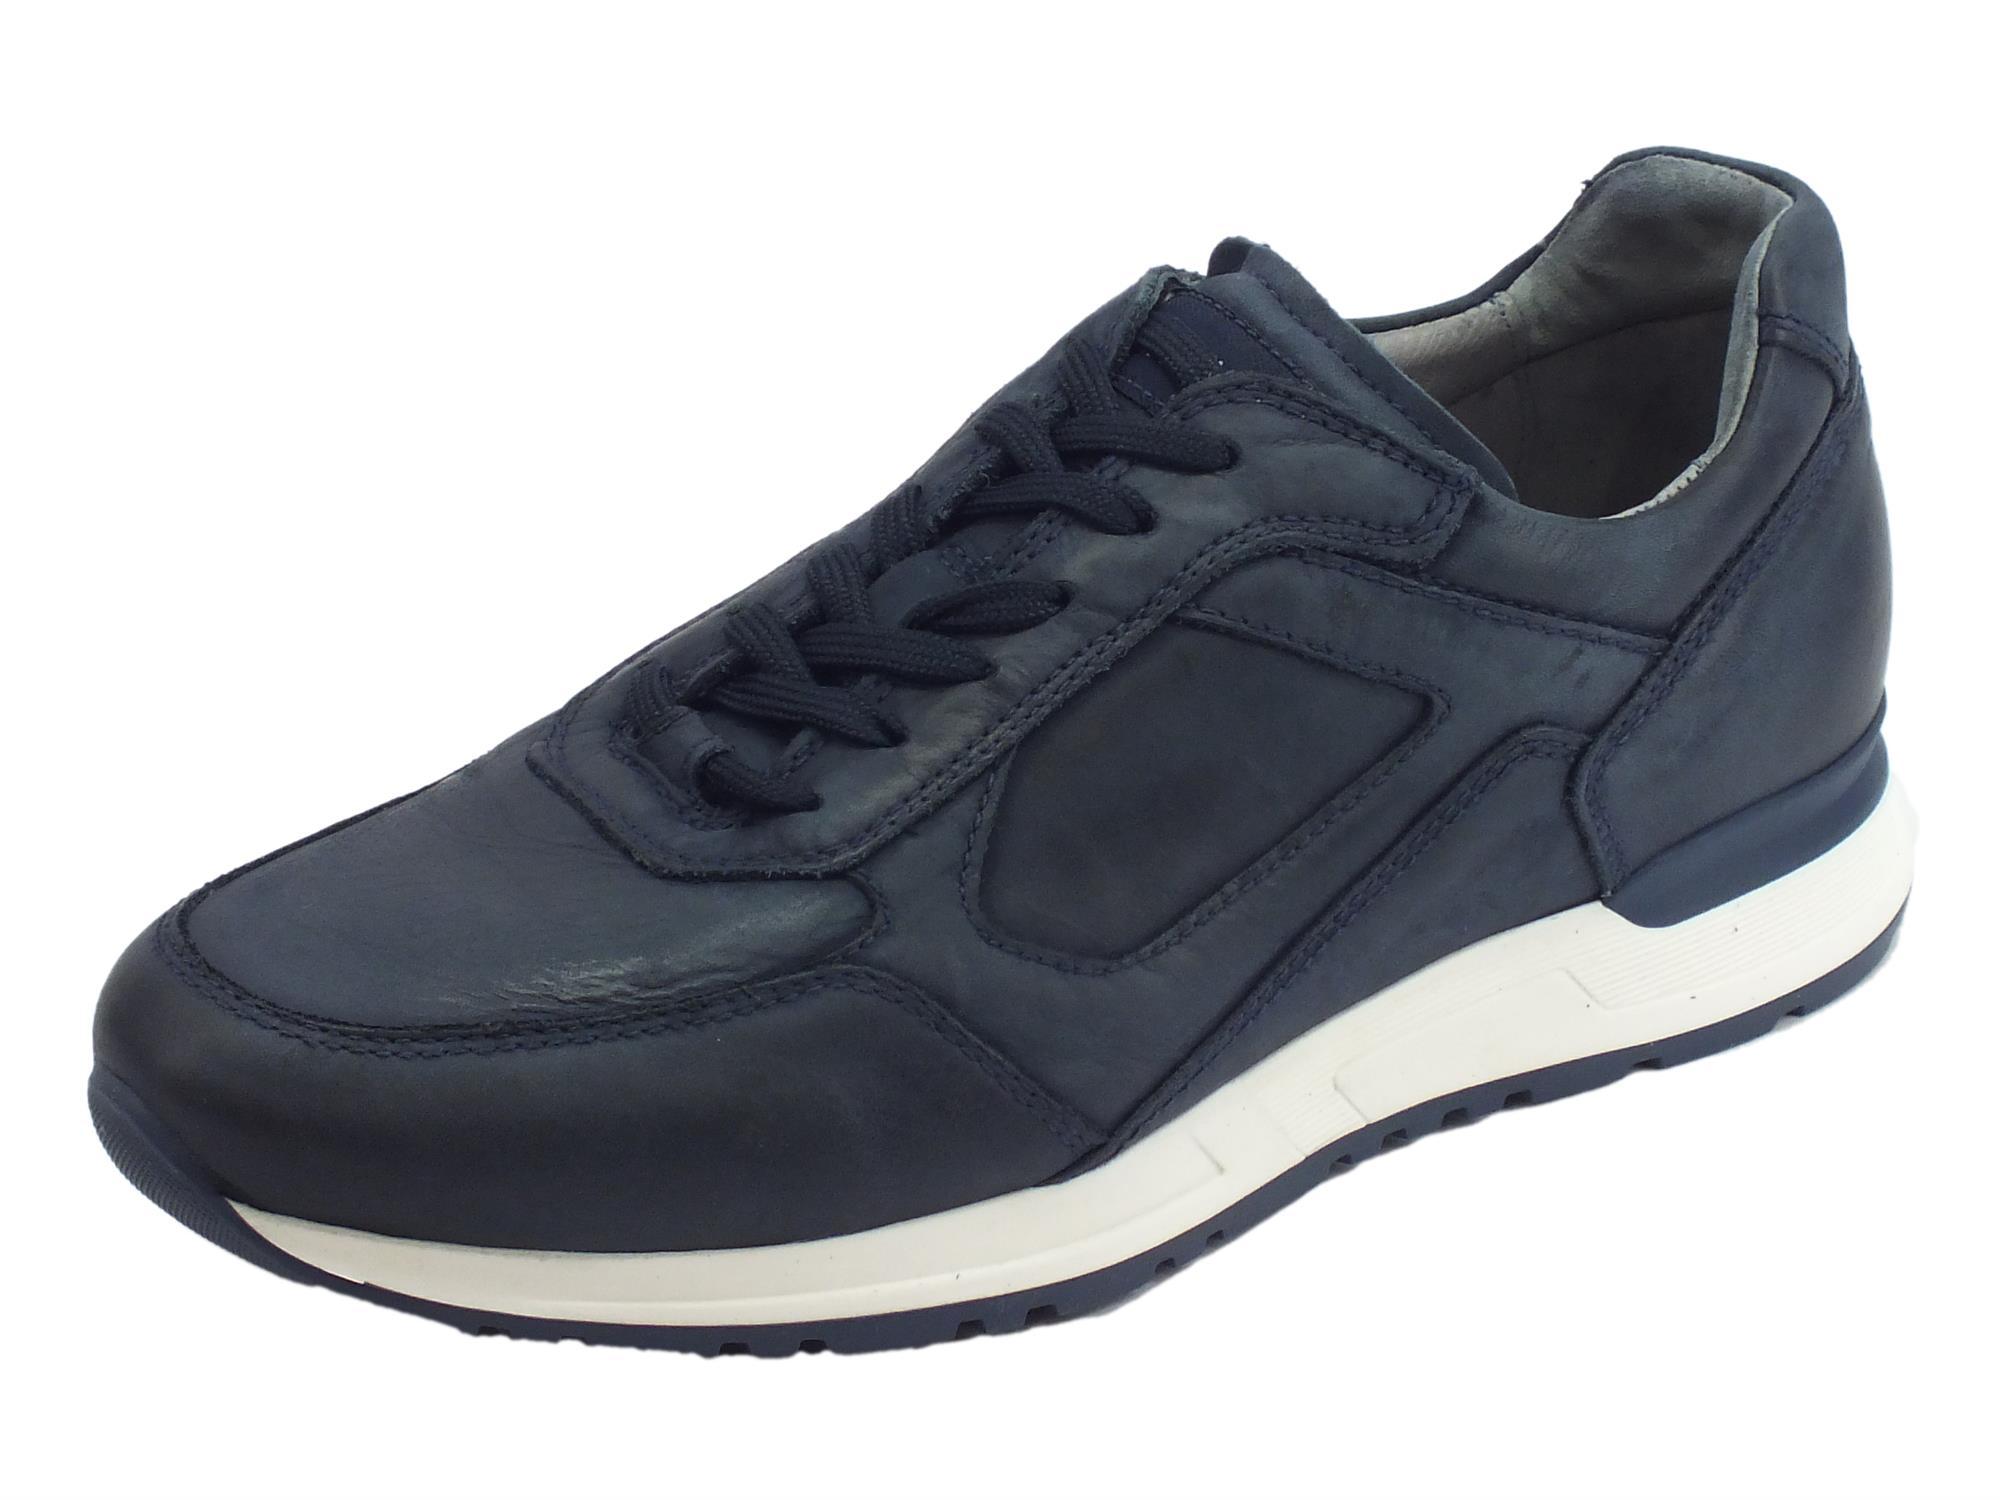 outlet store d3c88 64024 Nerogiardini scarpe per uomo in pelle morbidissima colore blu